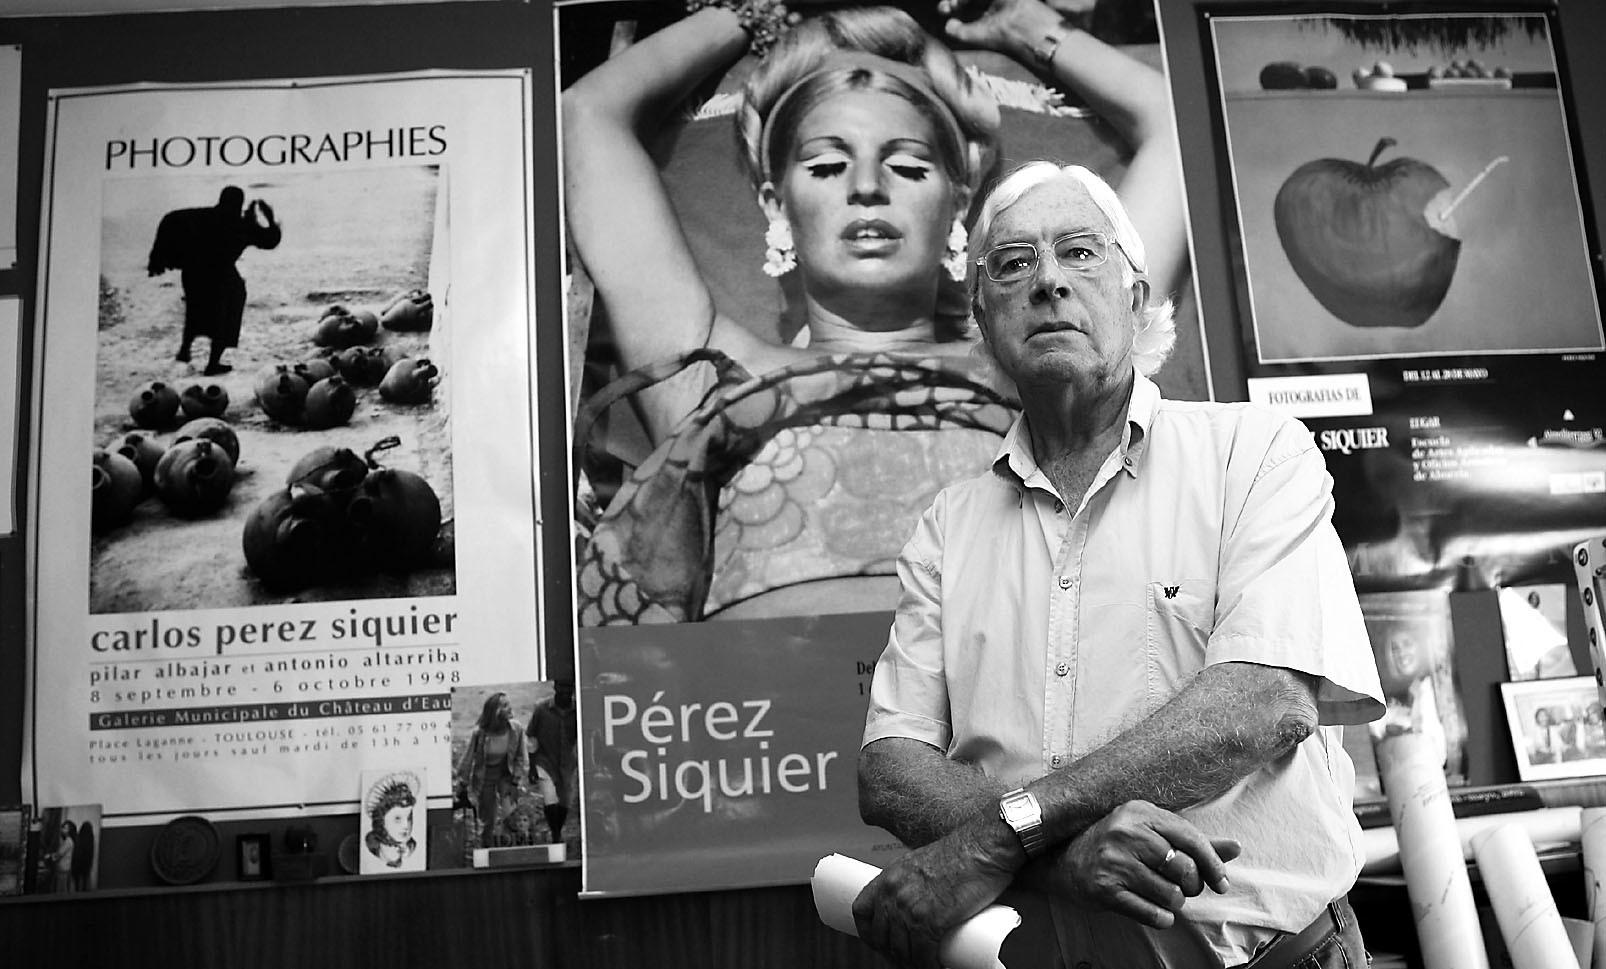 El fotógrafo Carlos Pérez Siquier, en Almería.